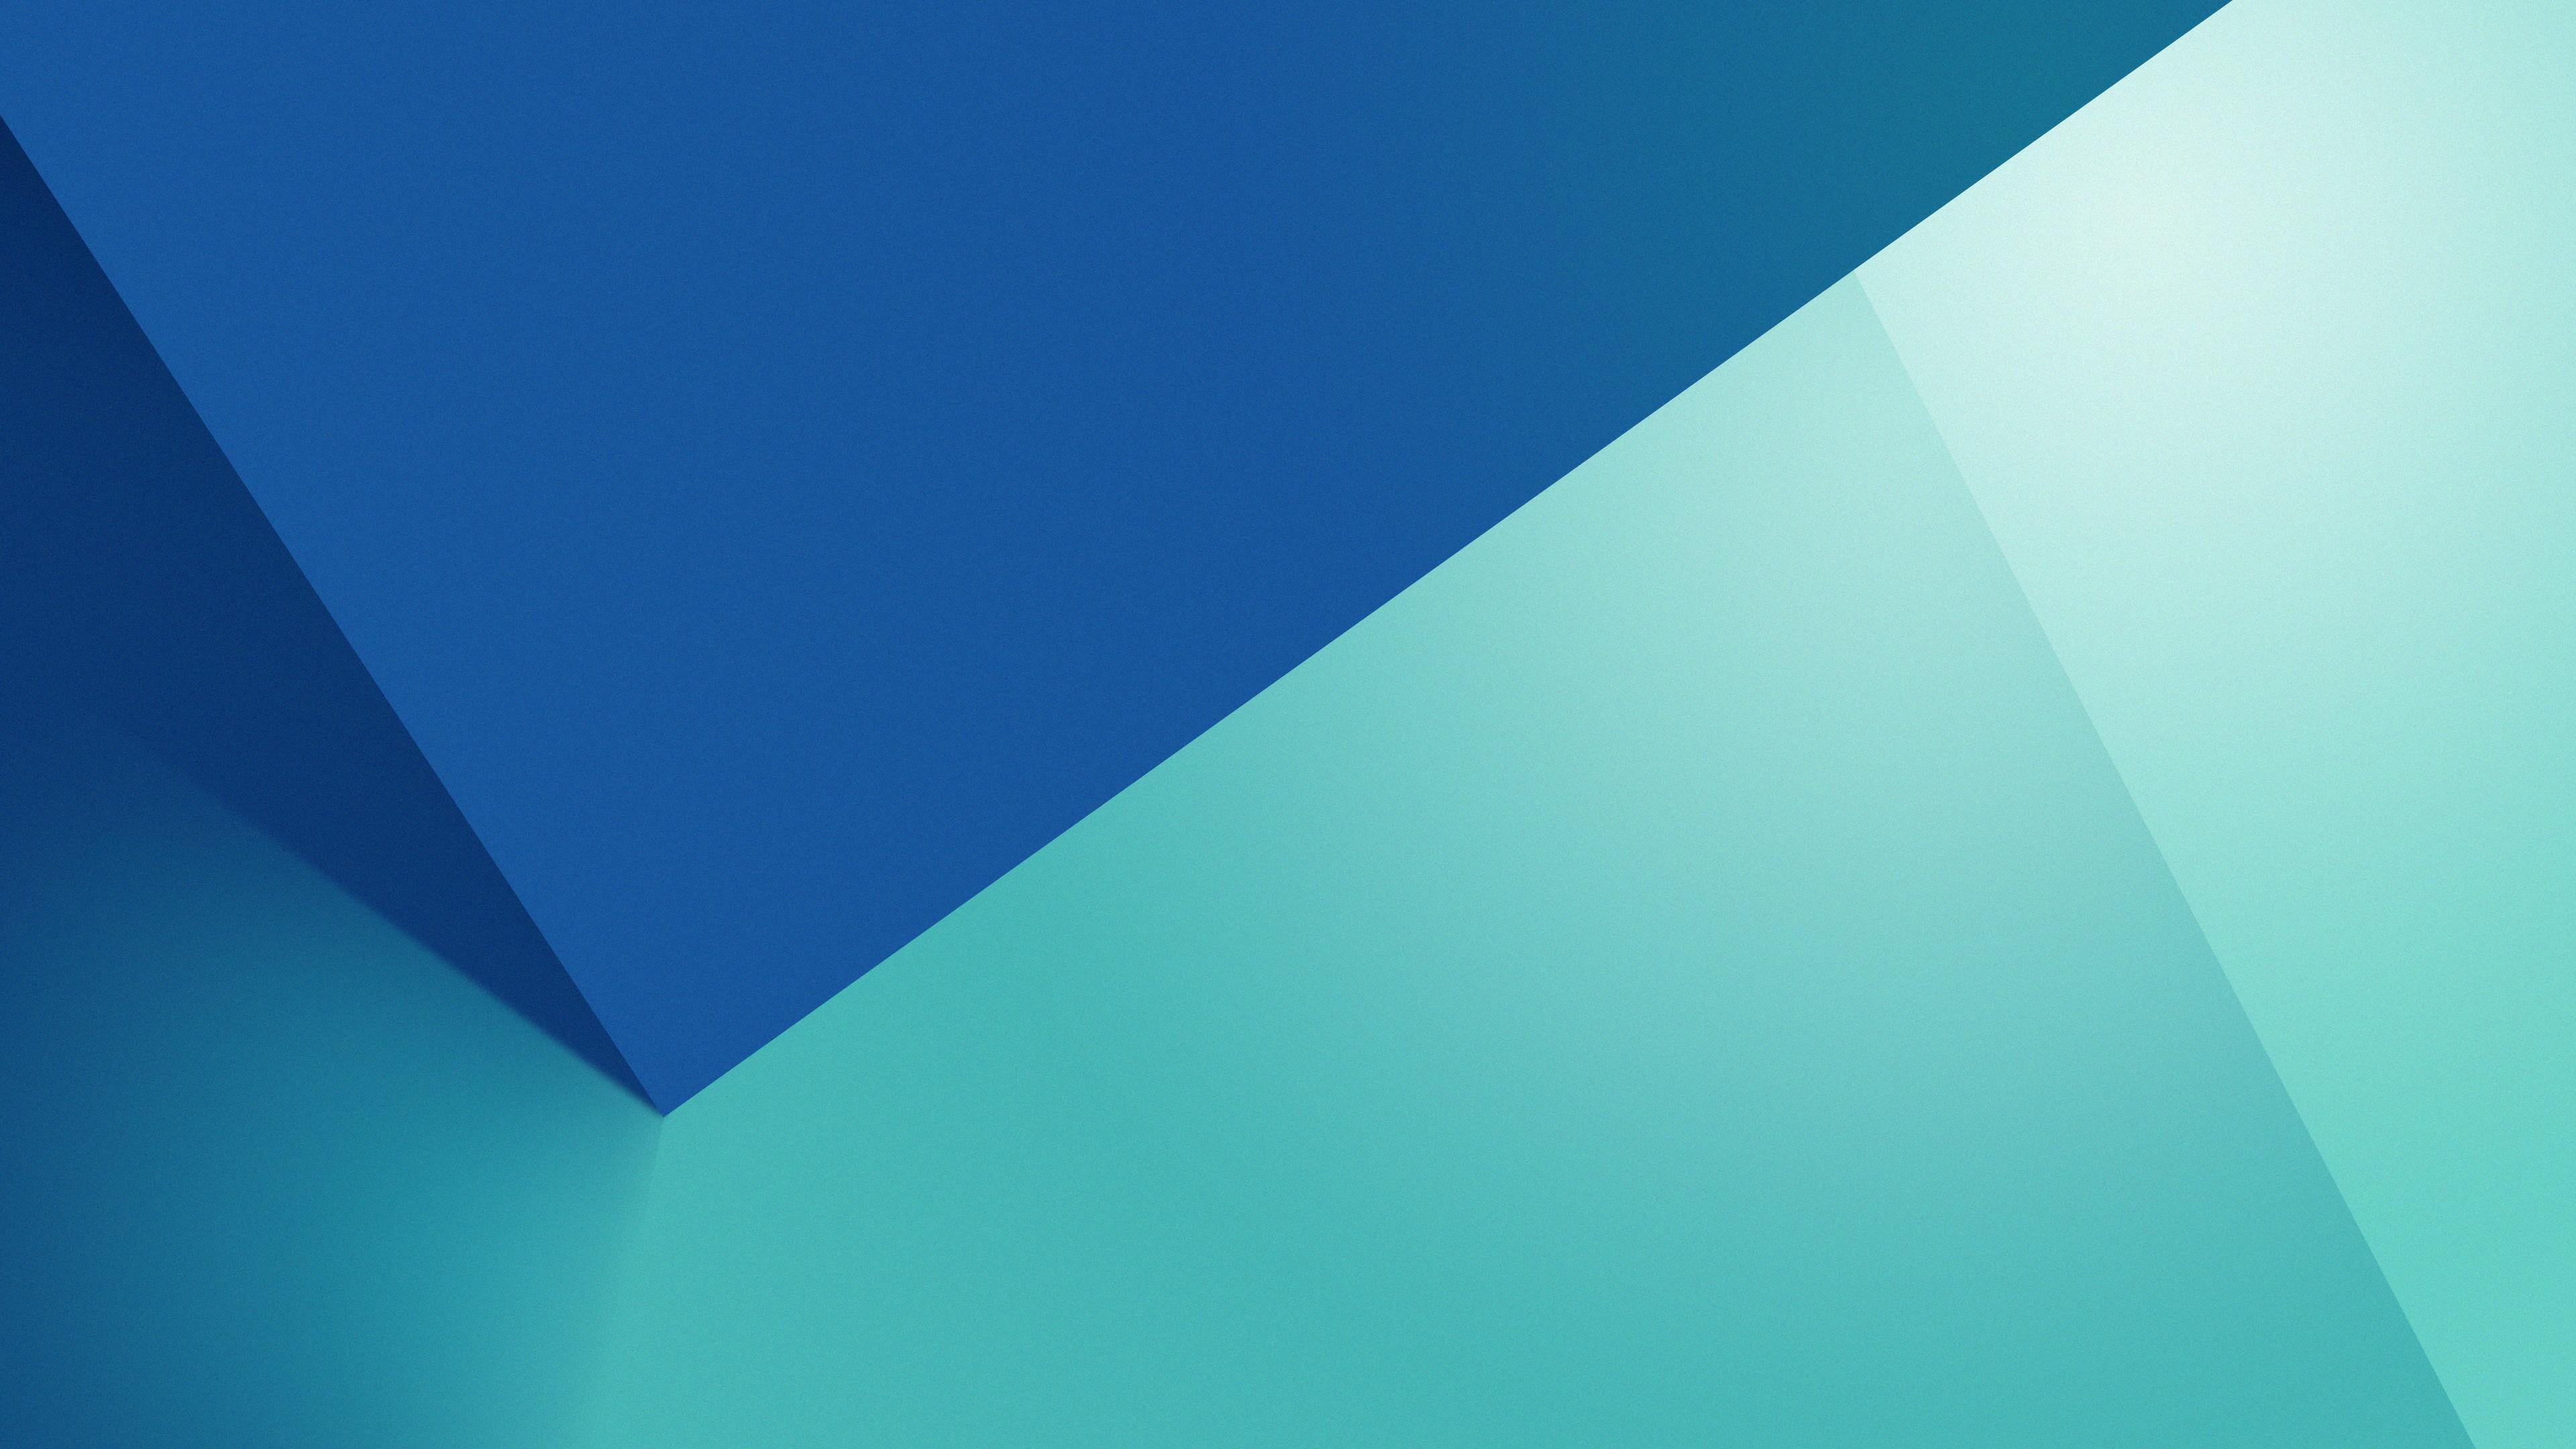 material design stock 4k 1539370817 - Material Design Stock 4k - material wallpapers, hd-wallpapers, digital art wallpapers, design wallpapers, artist wallpapers, abstract wallpapers, 4k-wallpapers